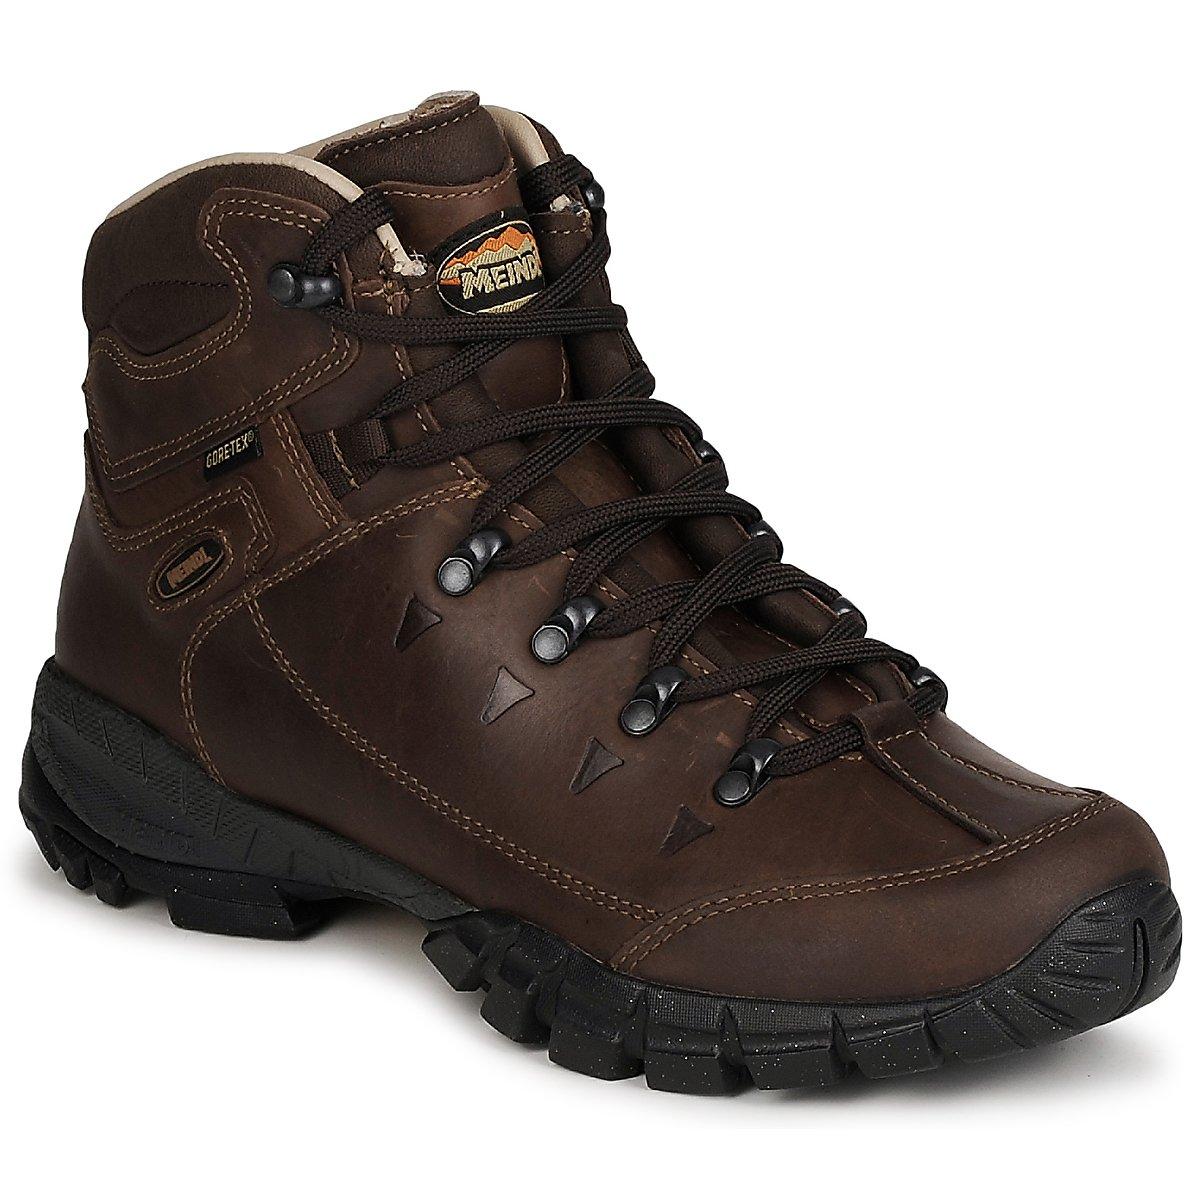 meindl stowe gtx brun livraison gratuite avec chaussures chaussures de. Black Bedroom Furniture Sets. Home Design Ideas